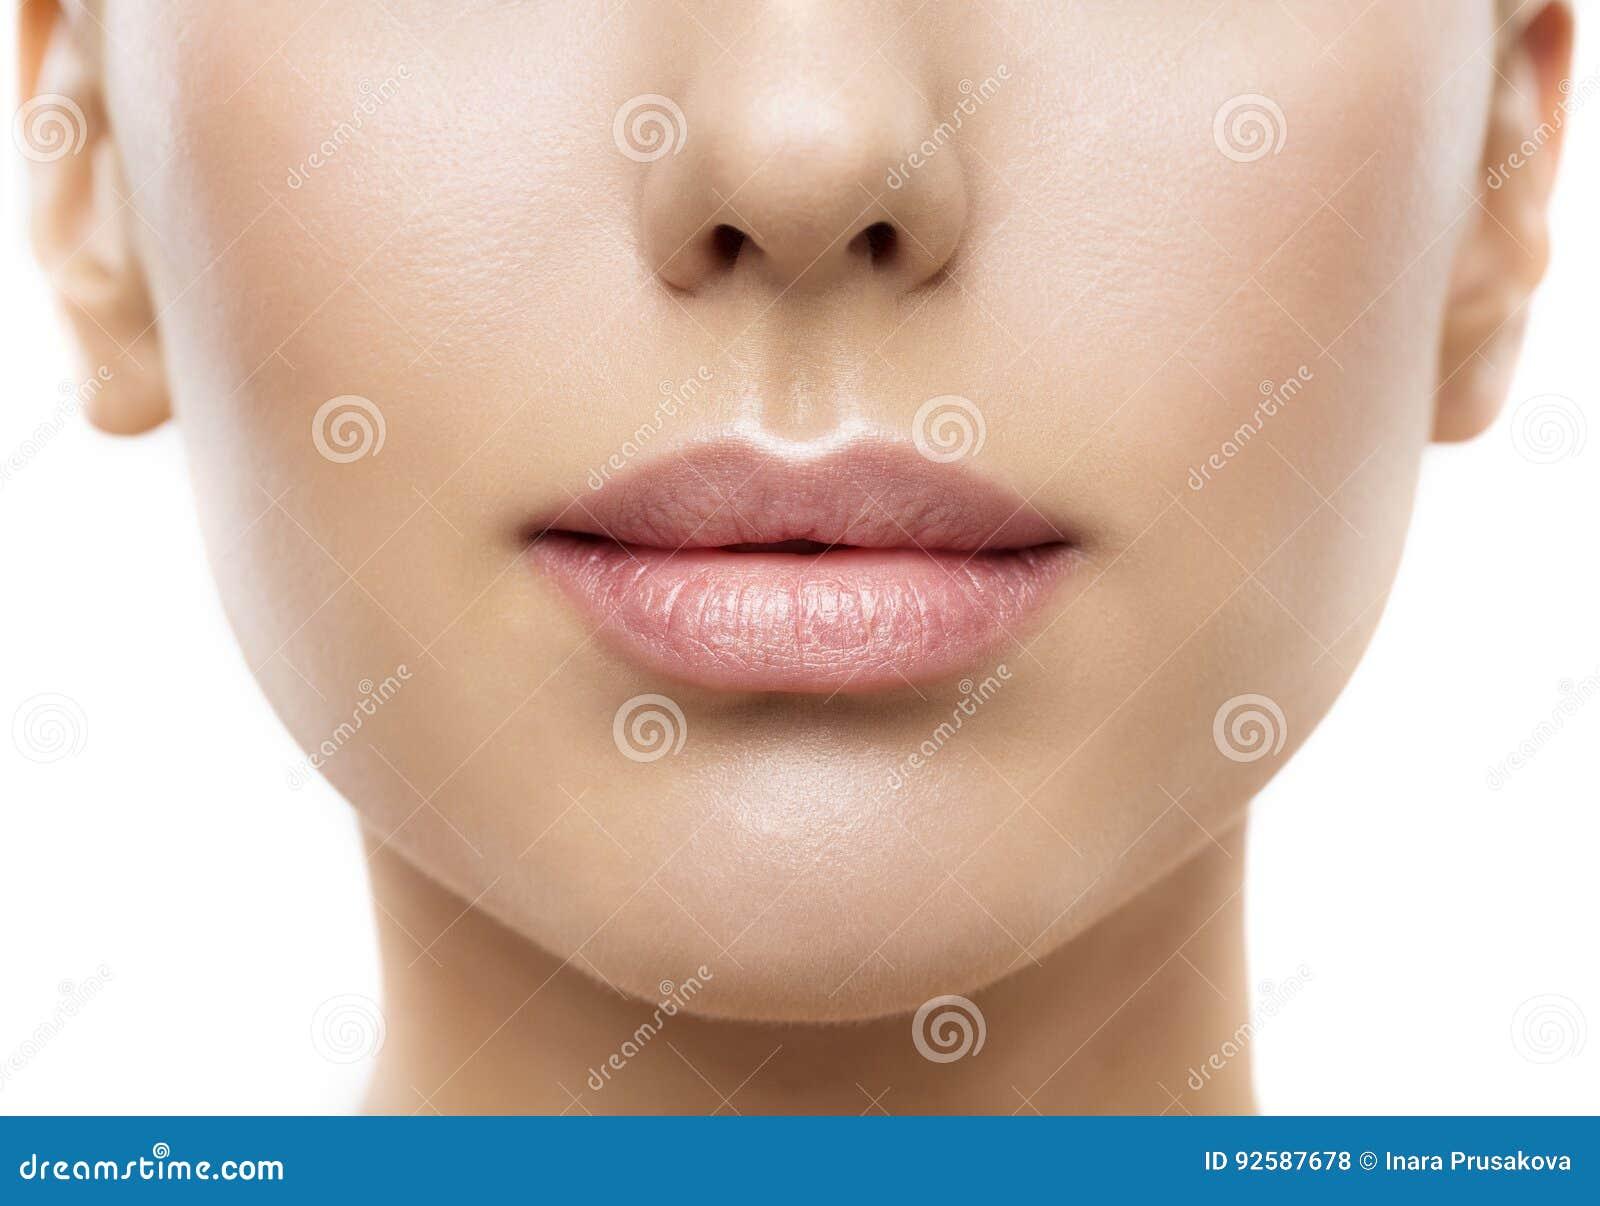 Bordos, beleza da boca da cara da mulher, close up completo do bordo da pele bonita